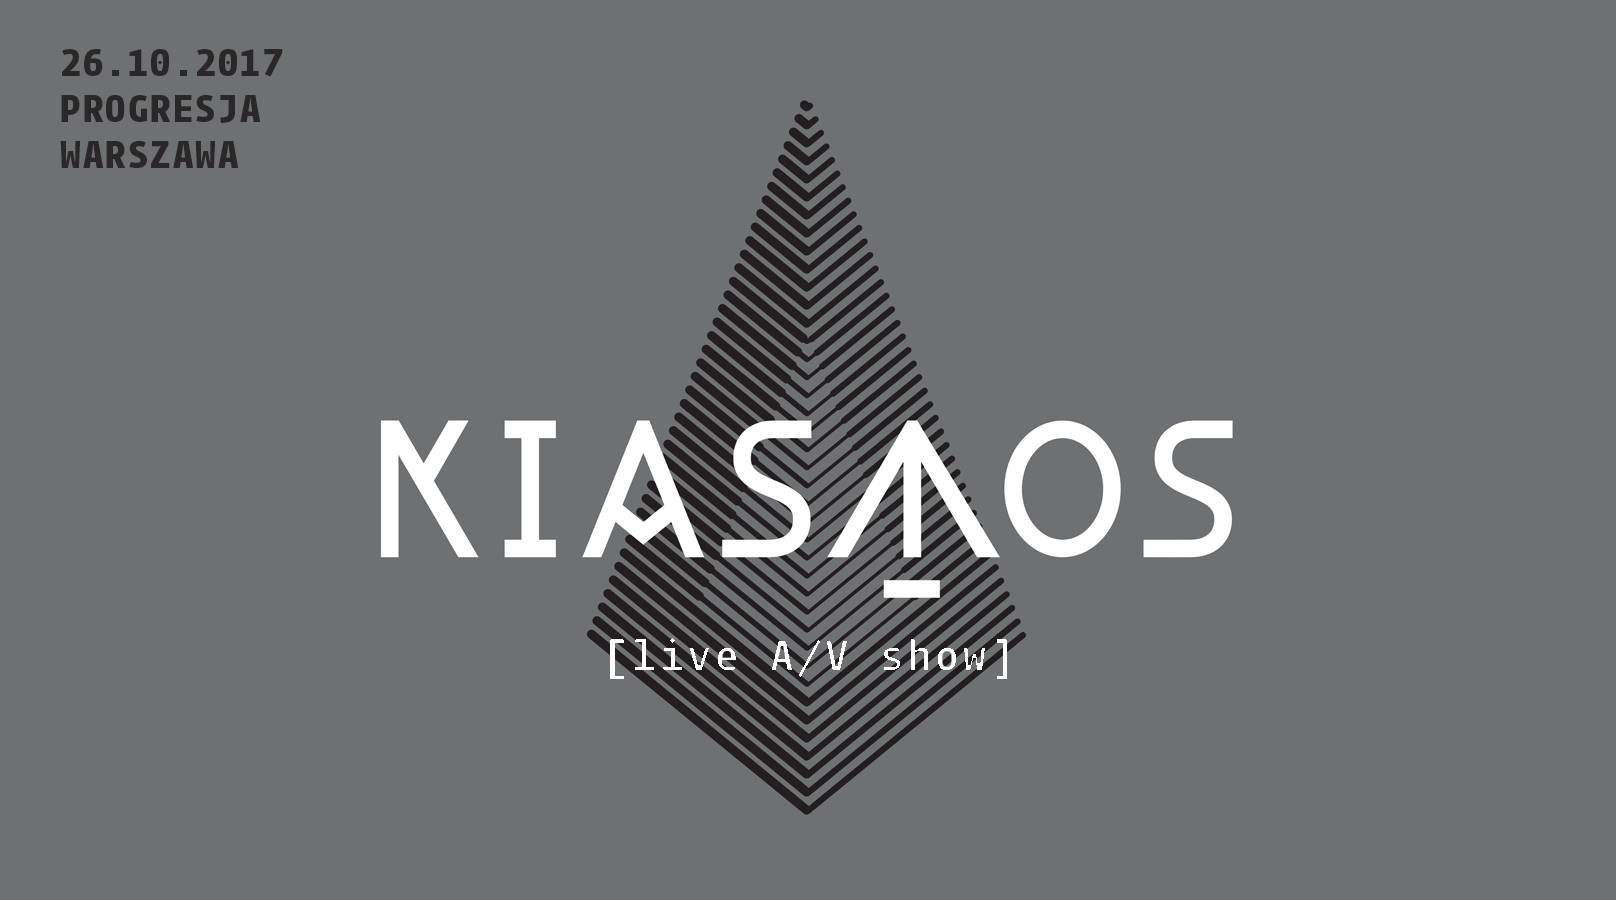 Grafika na szarym tle przedstawiająca trójkątną bryłę z napisem Kiasmos w środku